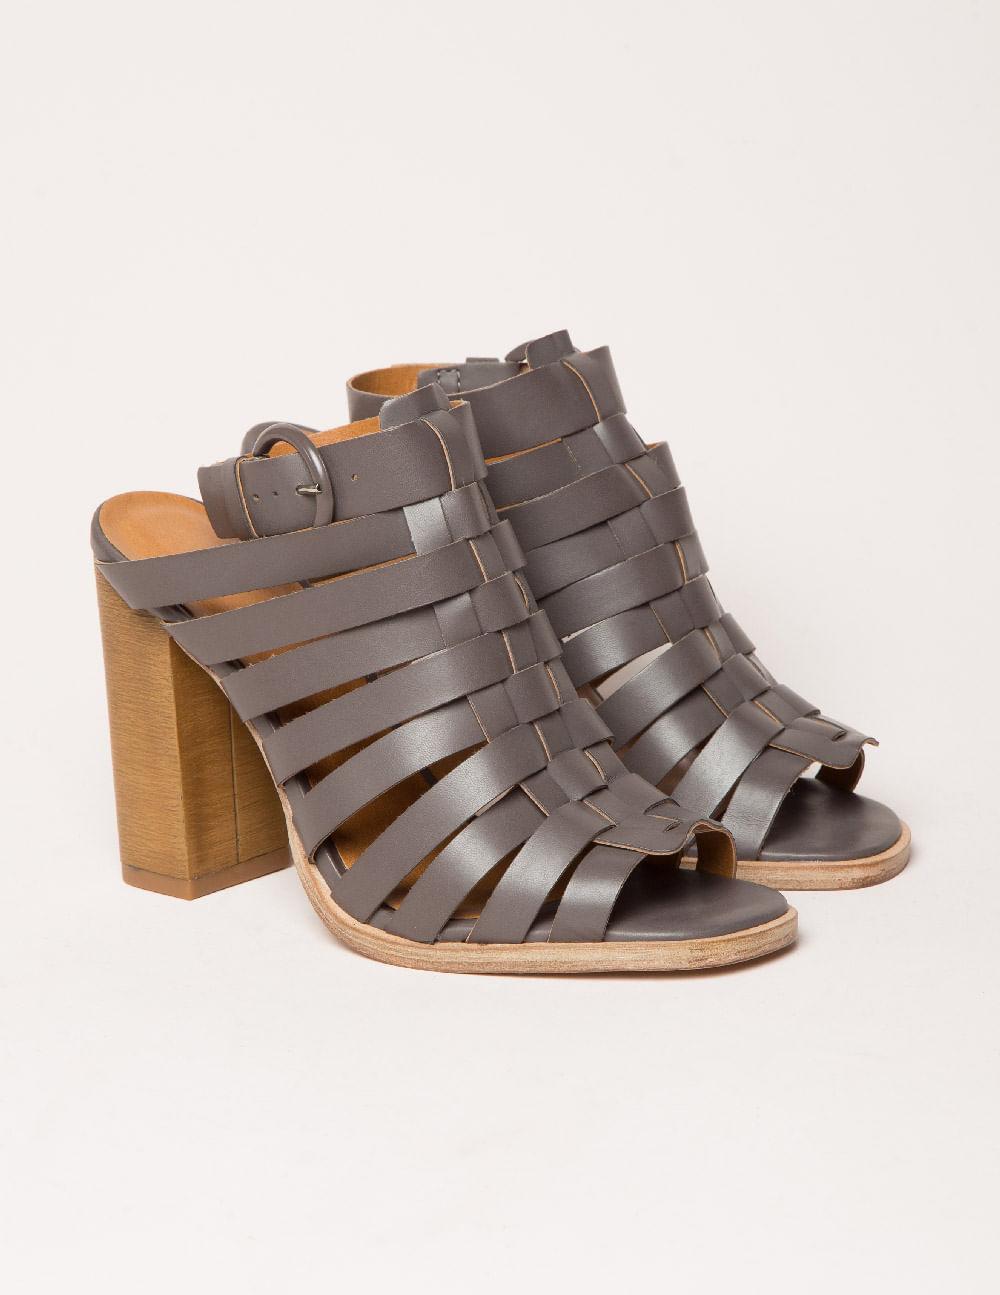 Sandália altaSandália com saltos acima de 7,5cm. 8b6f242a4b